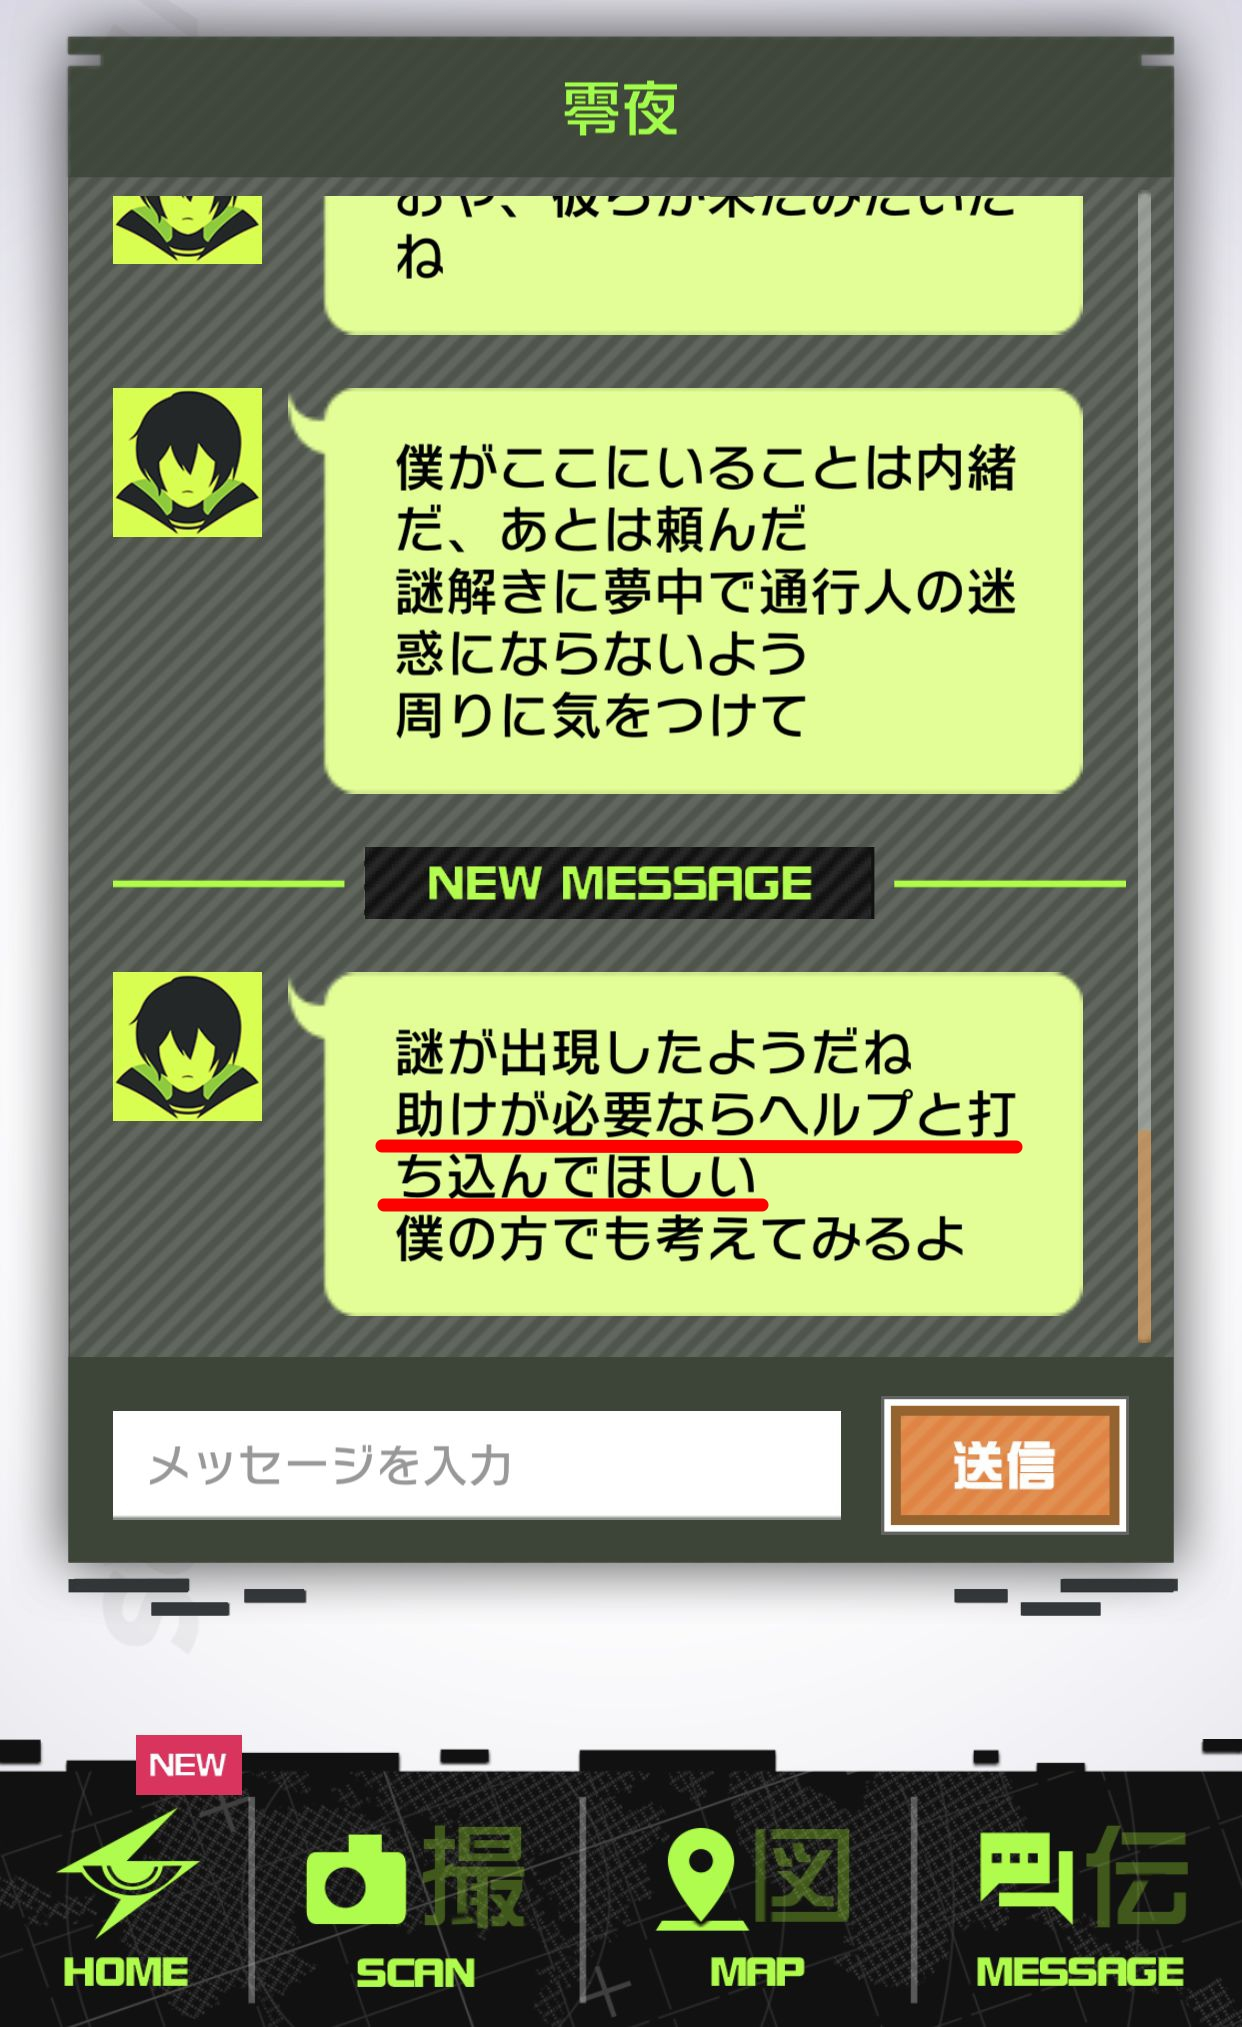 #コンパス【レポート】: 零夜のAR謎解きイベント「Mystery of Mirage Message」ネタバレなしレポート!時間内クリアのコツも紹介